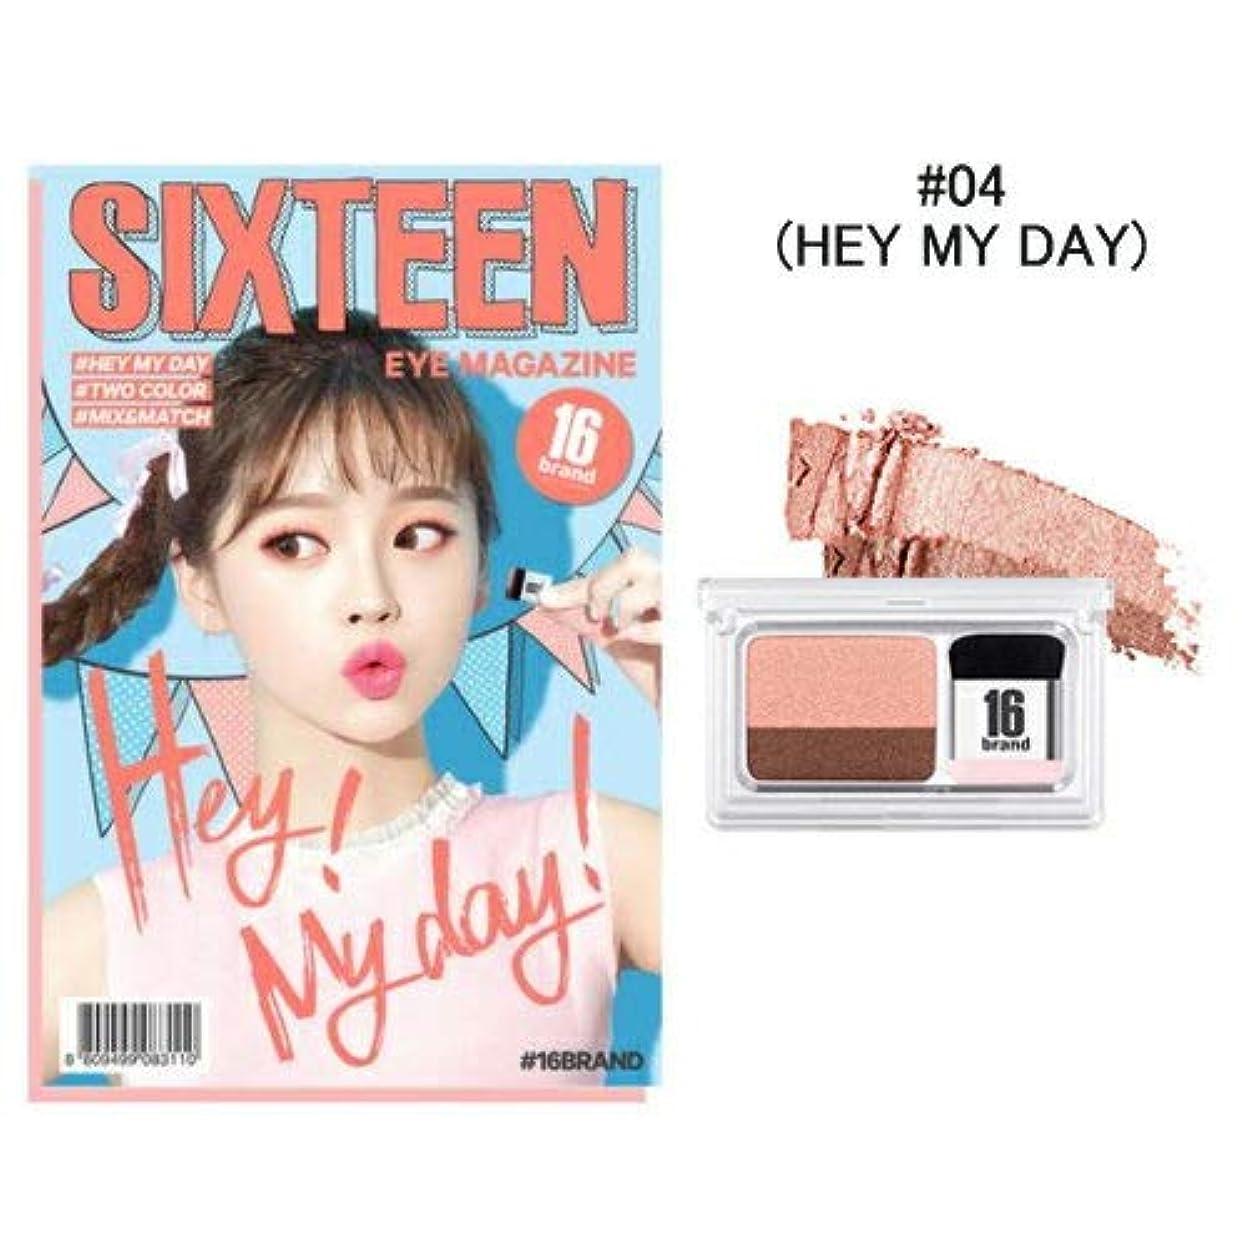 パネル雑種南東[New Color] 16brand Sixteen Eye Magazine 2g /16ブランド シックスティーン アイ マガジン 2g (#04 HEY MY DAY) [並行輸入品]